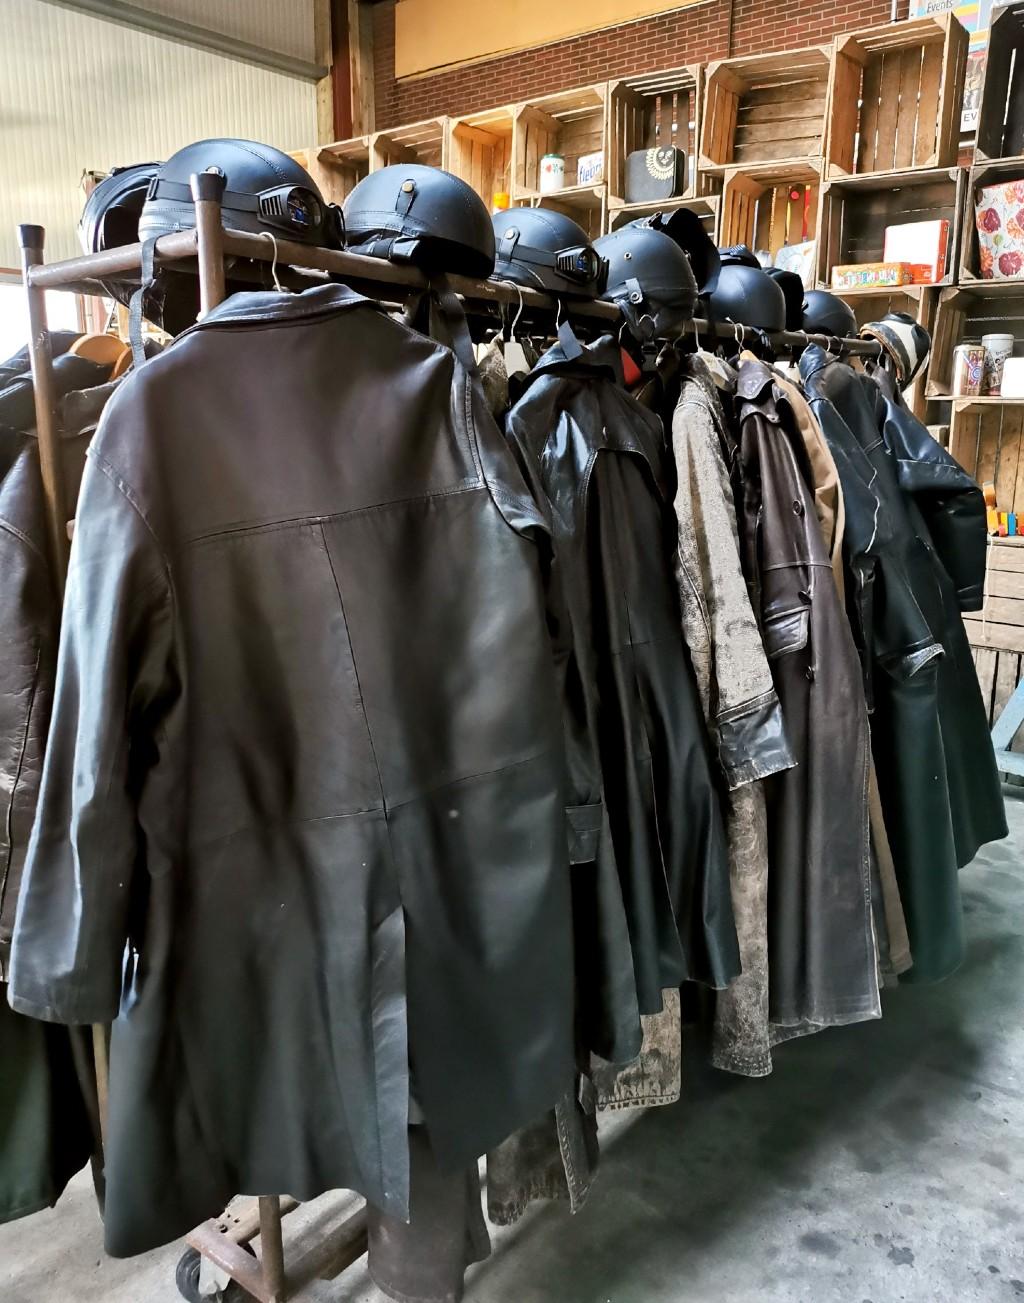 solex, motorclub, leren jassen, verkleedpartijtje